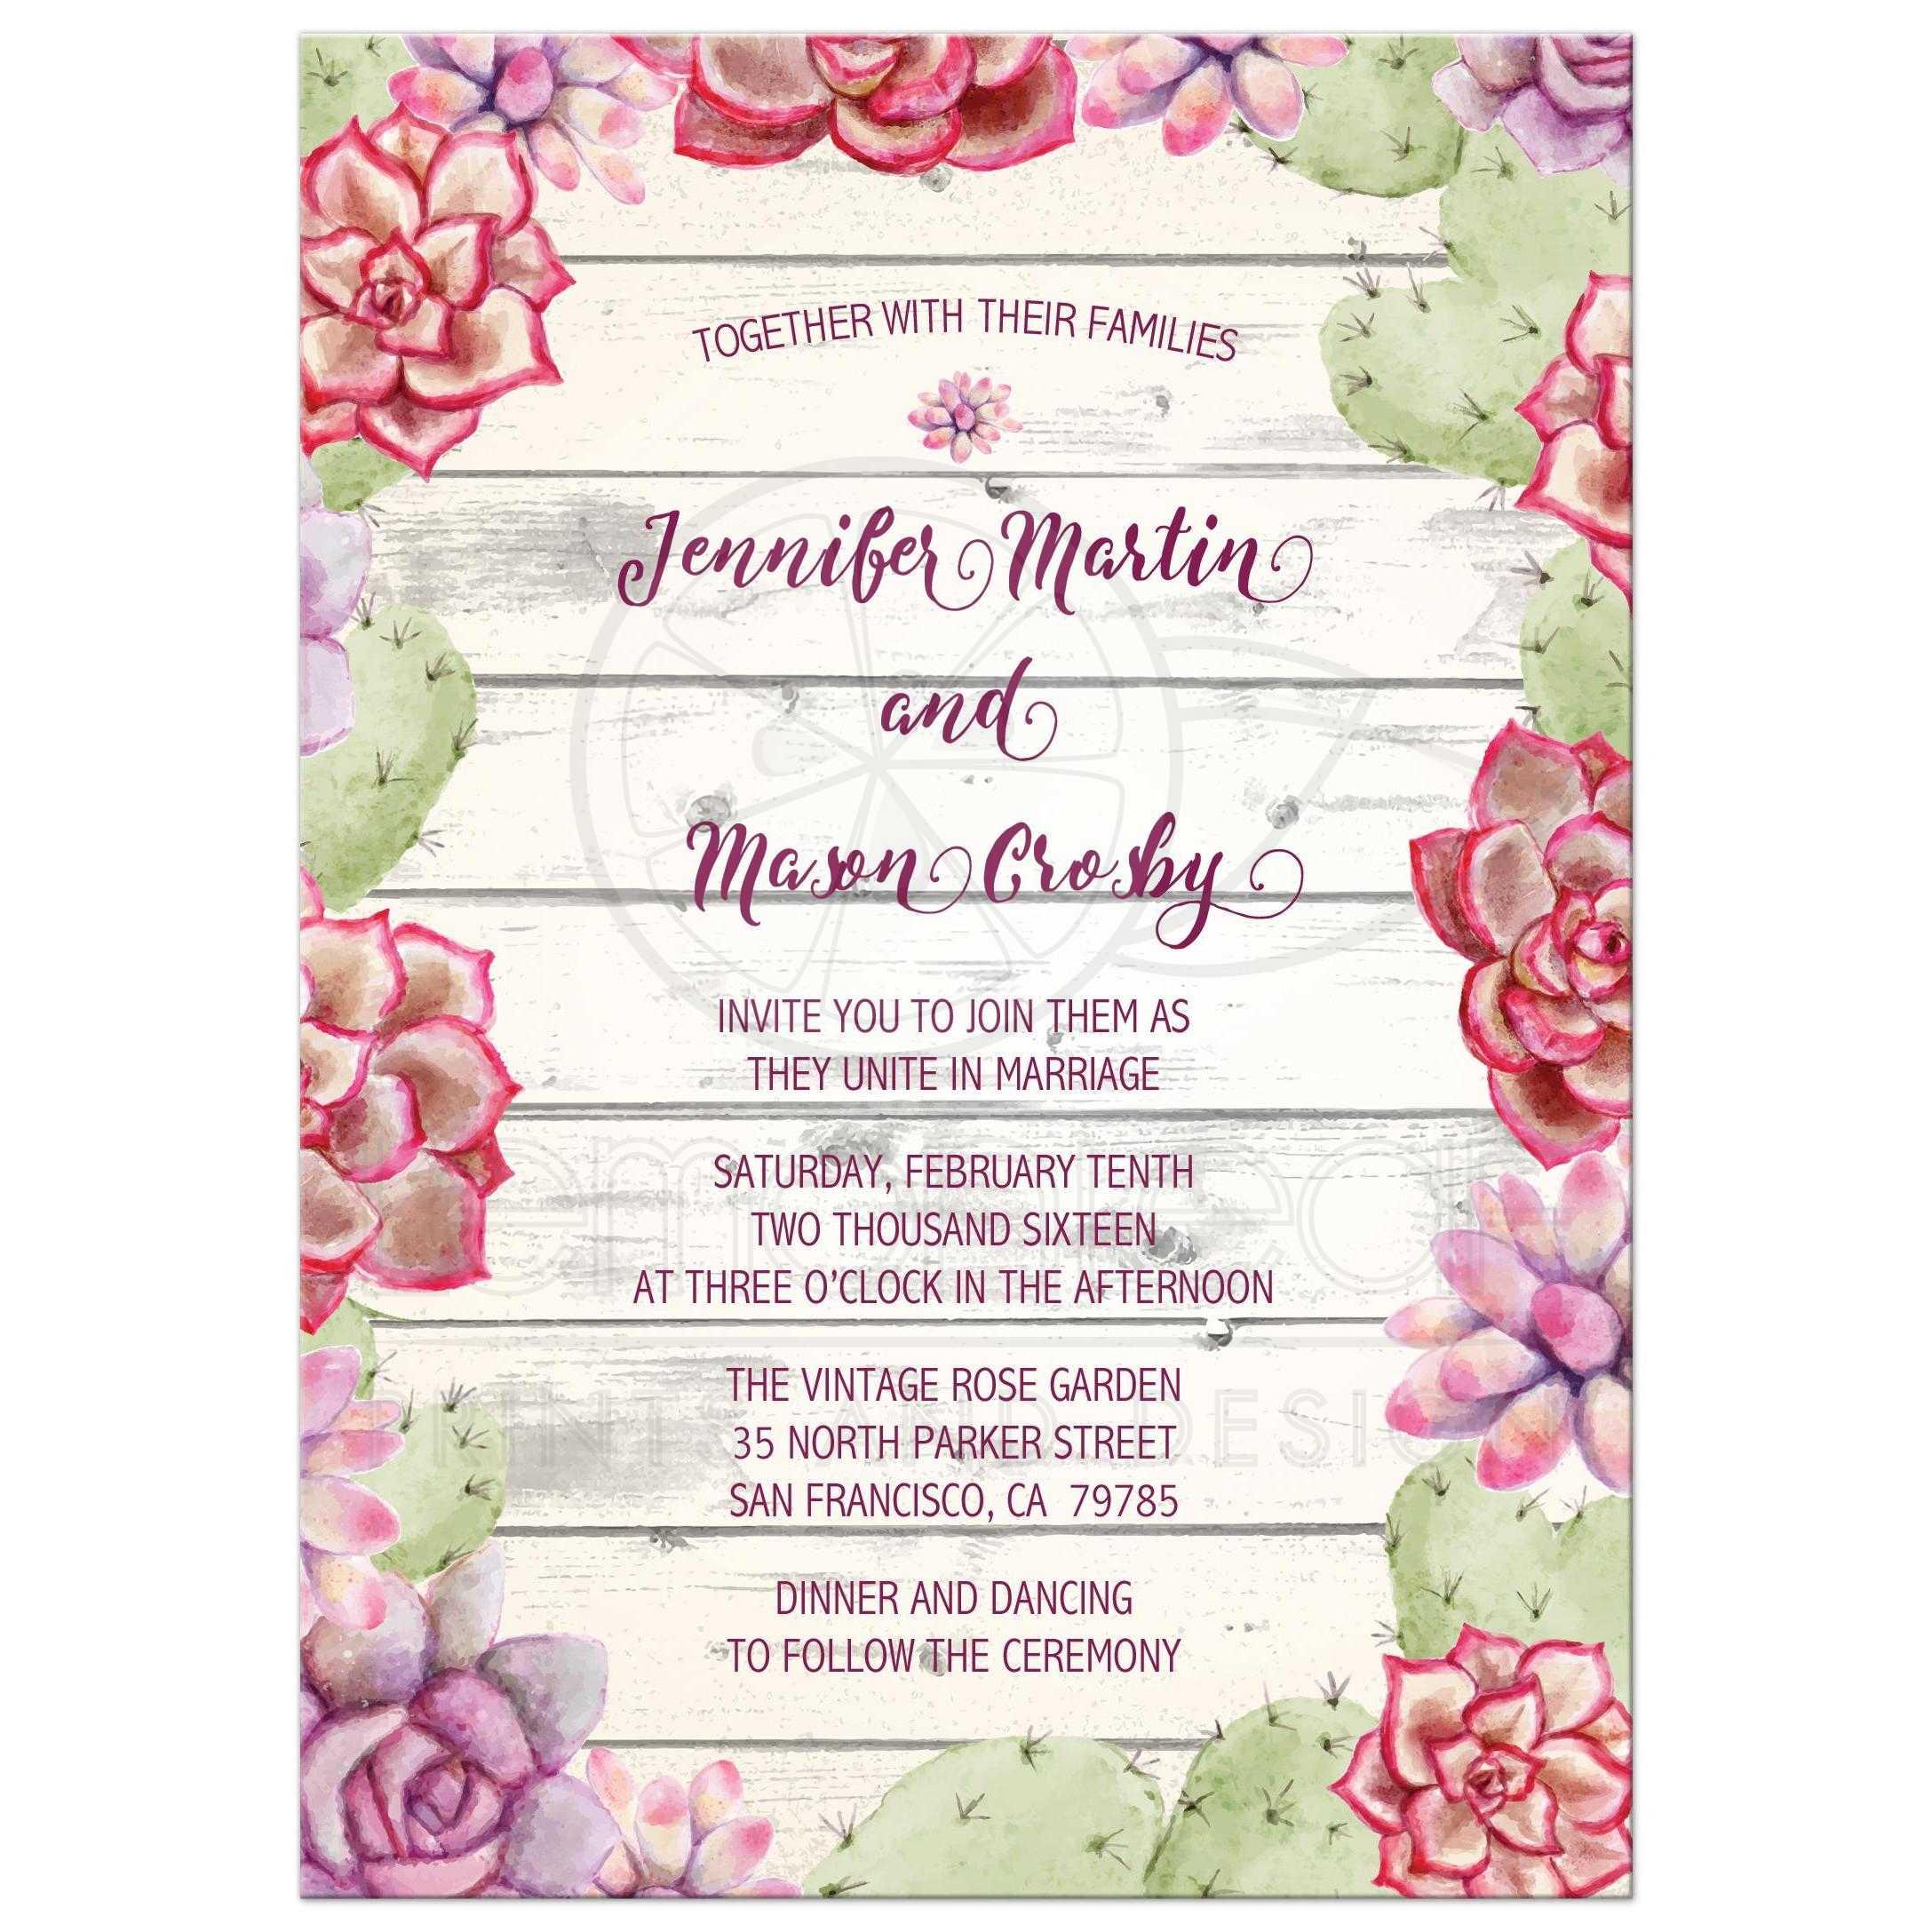 Rustic Cactus and Succulents Wedding Invitation